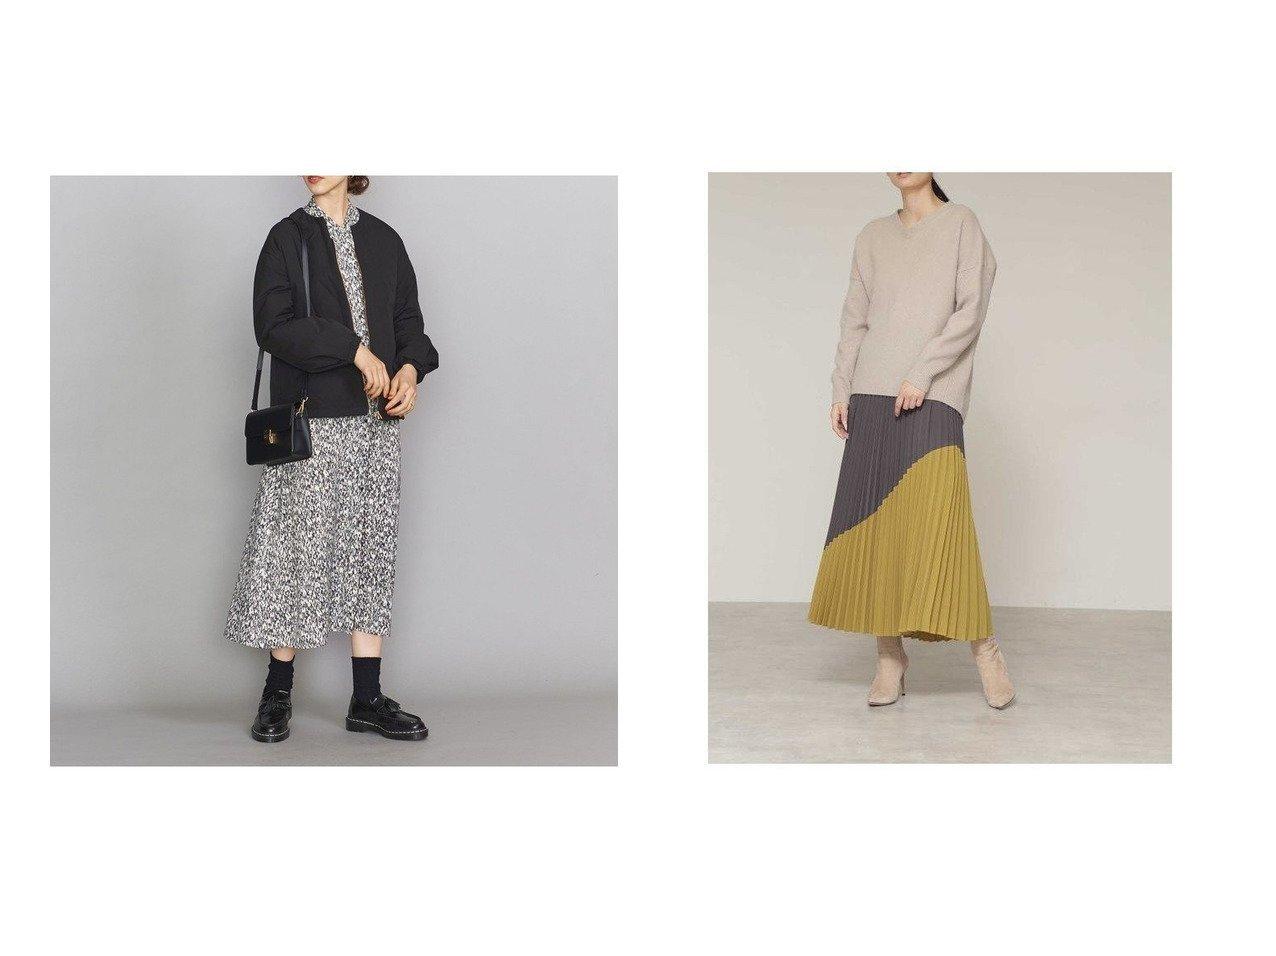 【BOSCH/ボッシュ】のバイカラープリーツスカート&【BEAUTY&YOUTH UNITED ARROWS/ビューティアンド ユースユナイテッドアローズ】のBY ショートダウンブルゾン スカートのおすすめ!人気、レディースファッションの通販  おすすめで人気のファッション通販商品 インテリア・家具・キッズファッション・メンズファッション・レディースファッション・服の通販 founy(ファニー) https://founy.com/ ファッション Fashion レディース WOMEN アウター Coat Outerwear ブルゾン Blouson Jackets スカート Skirt プリーツスカート Pleated Skirts コンパクト ショルダー ショート タイトスカート ダウン デニム ドロップ 定番 バランス フェミニン ブルゾン 冬 Winter ジョーゼット ブロッキング プリーツ  ID:crp329100000004042